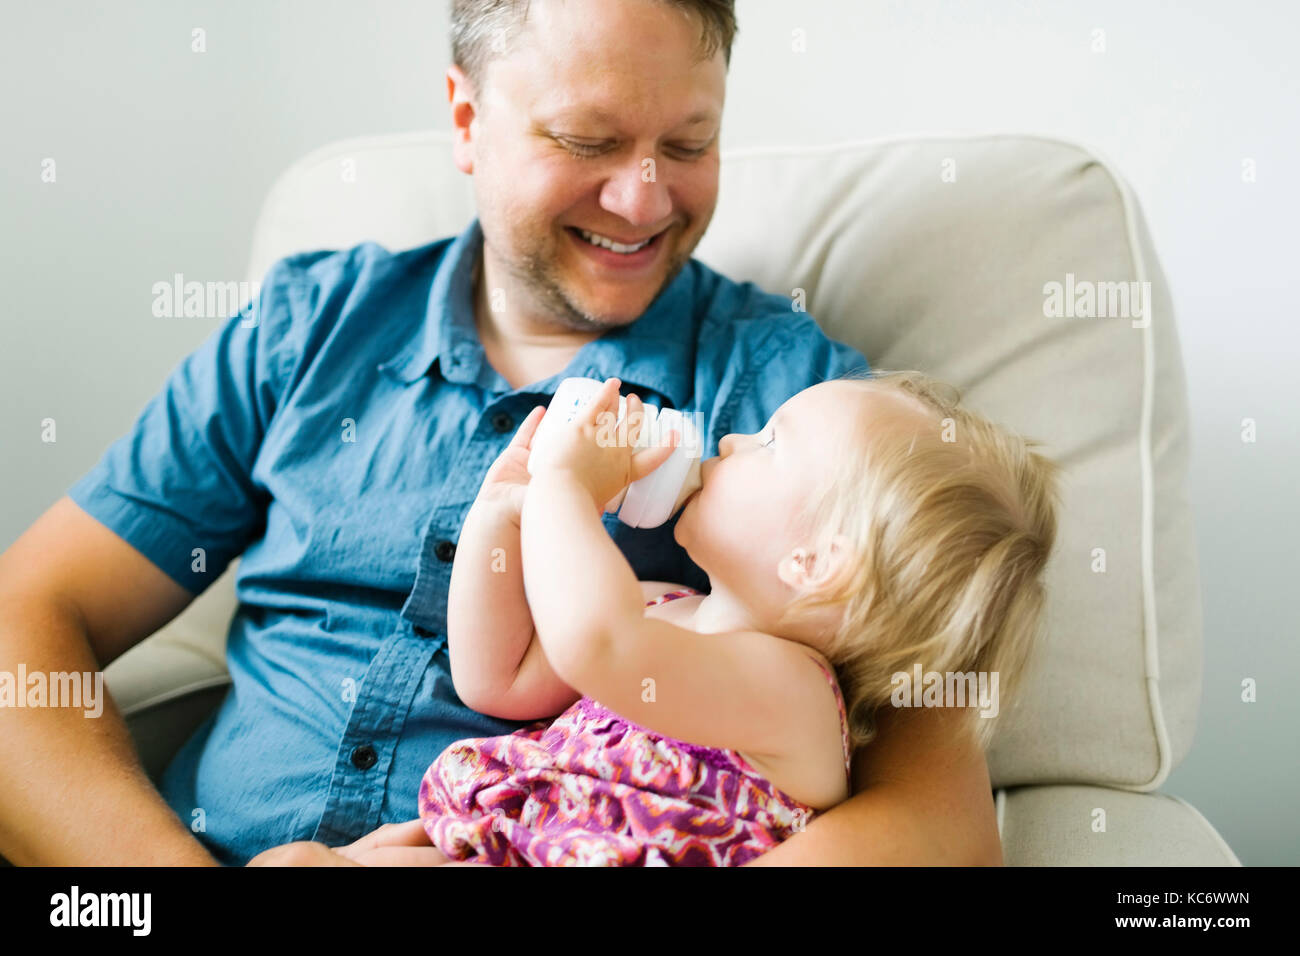 Padre alimentare Baby girl (12-17 mesi) nel soggiorno Immagini Stock